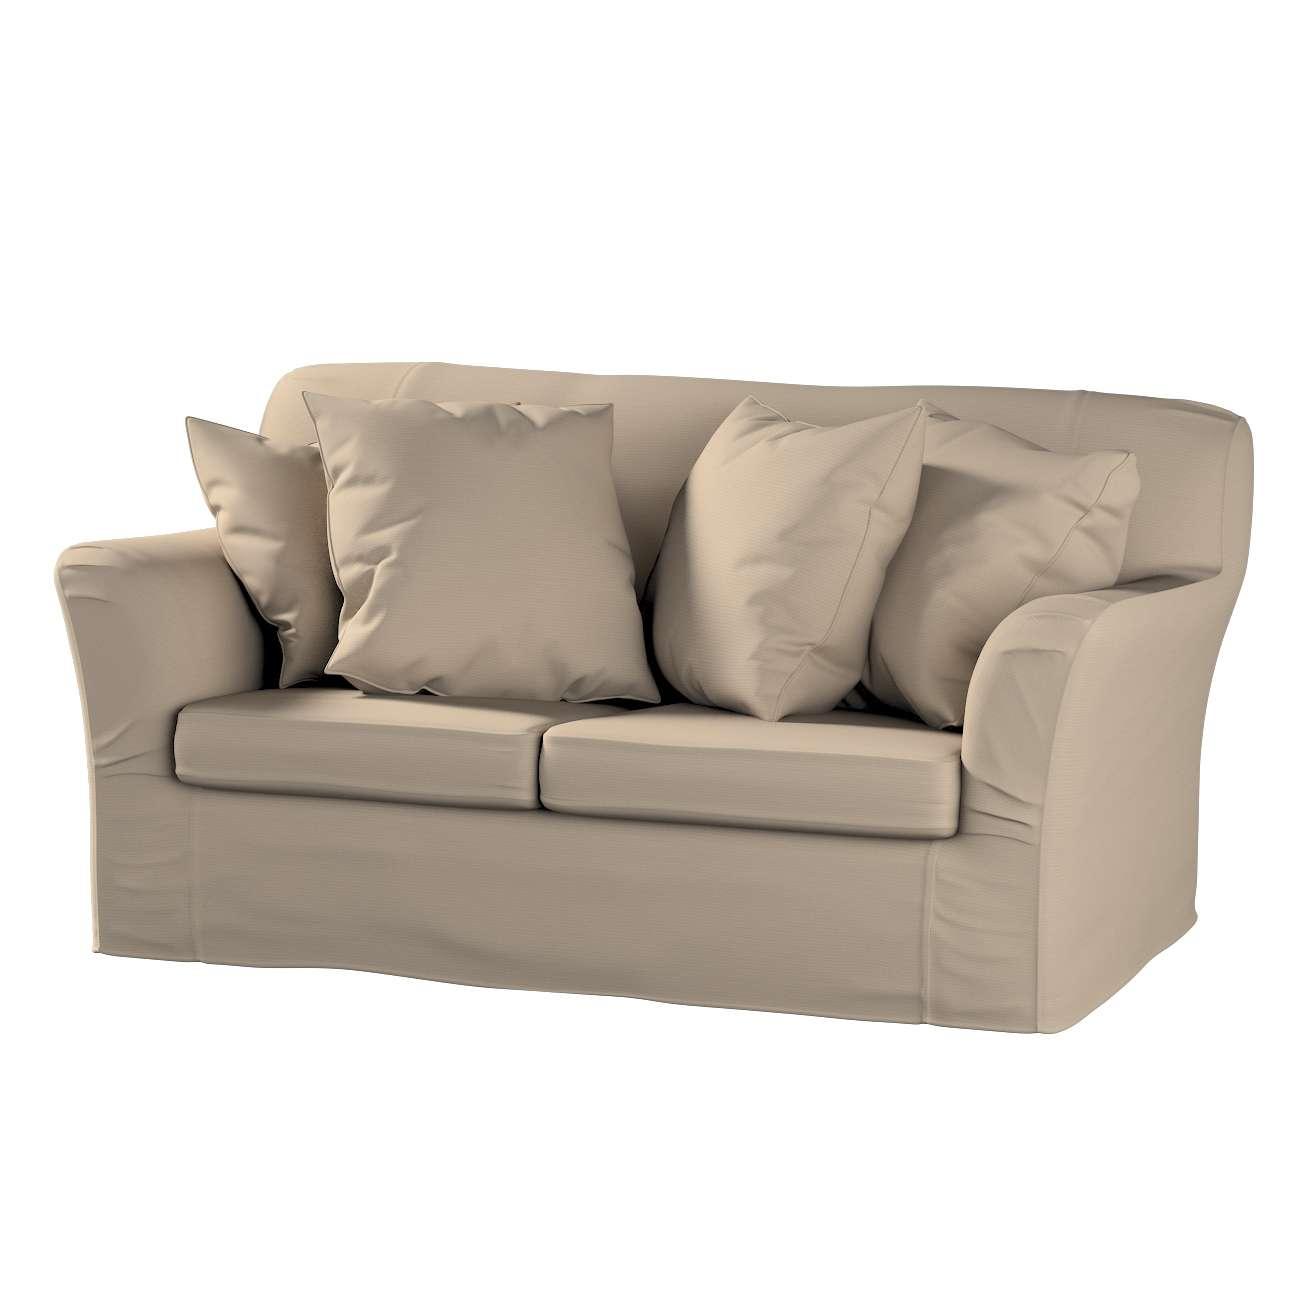 TOMELILLA  dvivietės sofos užvalkalas TOMELILLA dvivietė sofa kolekcijoje Cotton Panama, audinys: 702-28